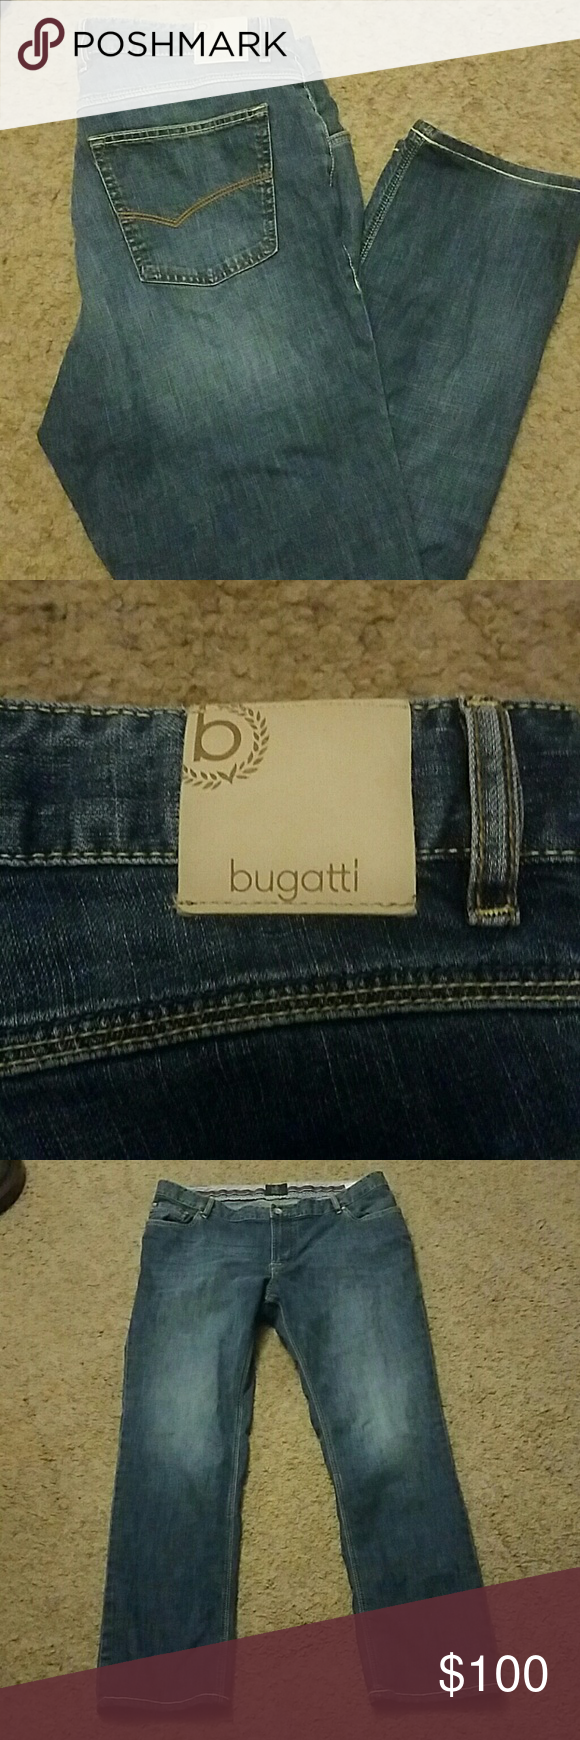 Bugatti Jeans on rembrandt bugatti, enzo ferrari, roland bugatti, bugatti type 51, bugatti model 100, jean-pierre wimille, bugatti automobiles sas, ettore bugatti,